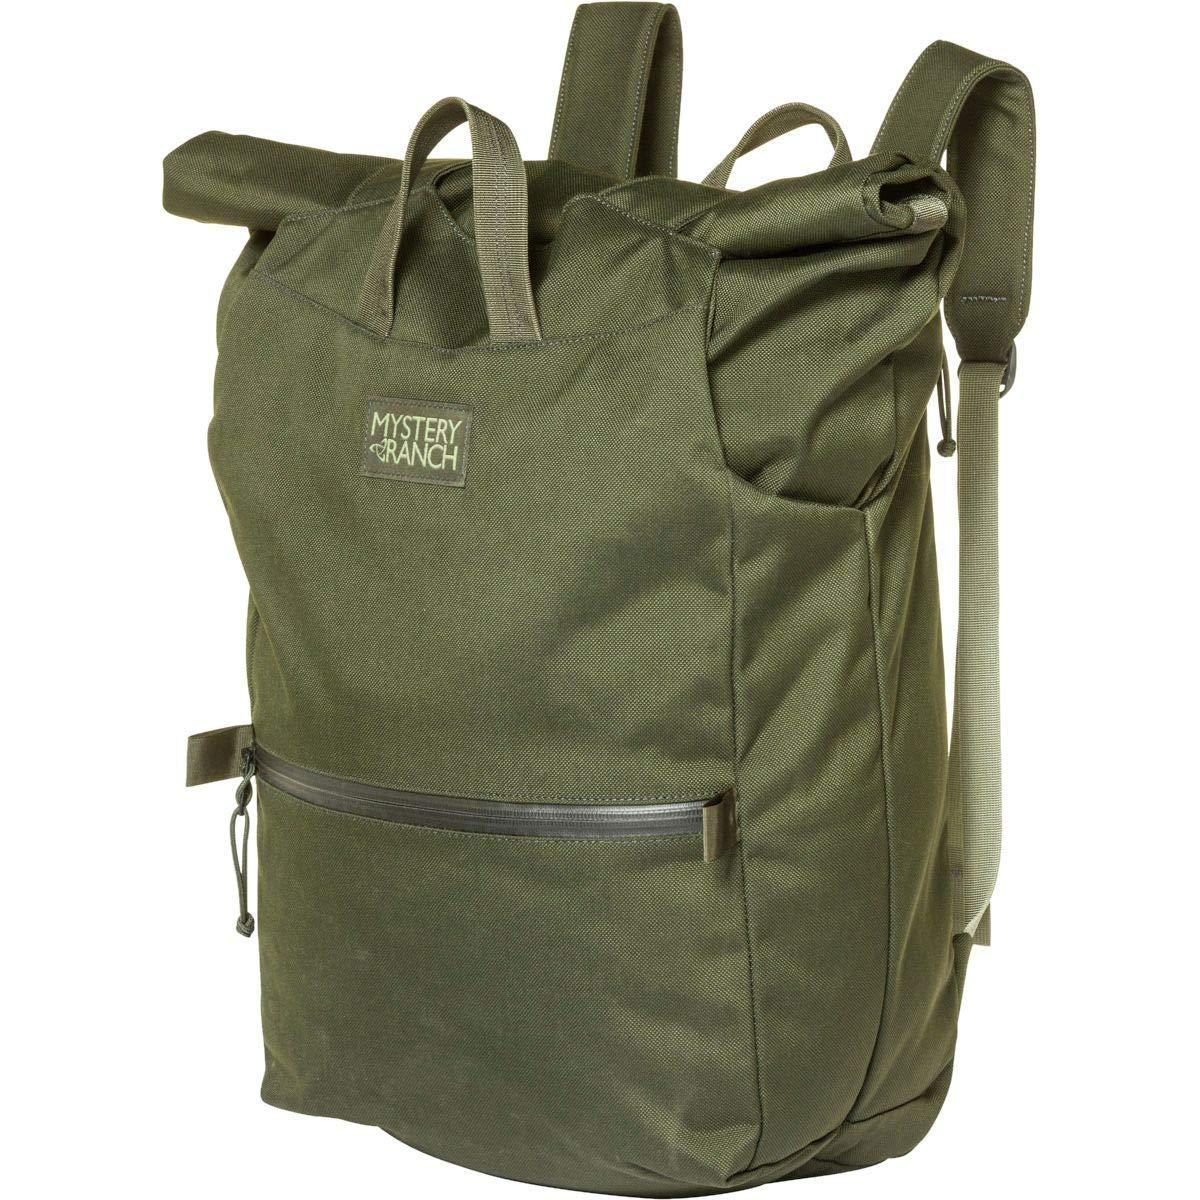 [ミステリーランチ] メンズ バックパックリュックサック Super Booty 28L Backpack [並行輸入品] B07QNK3Q39  No-Size